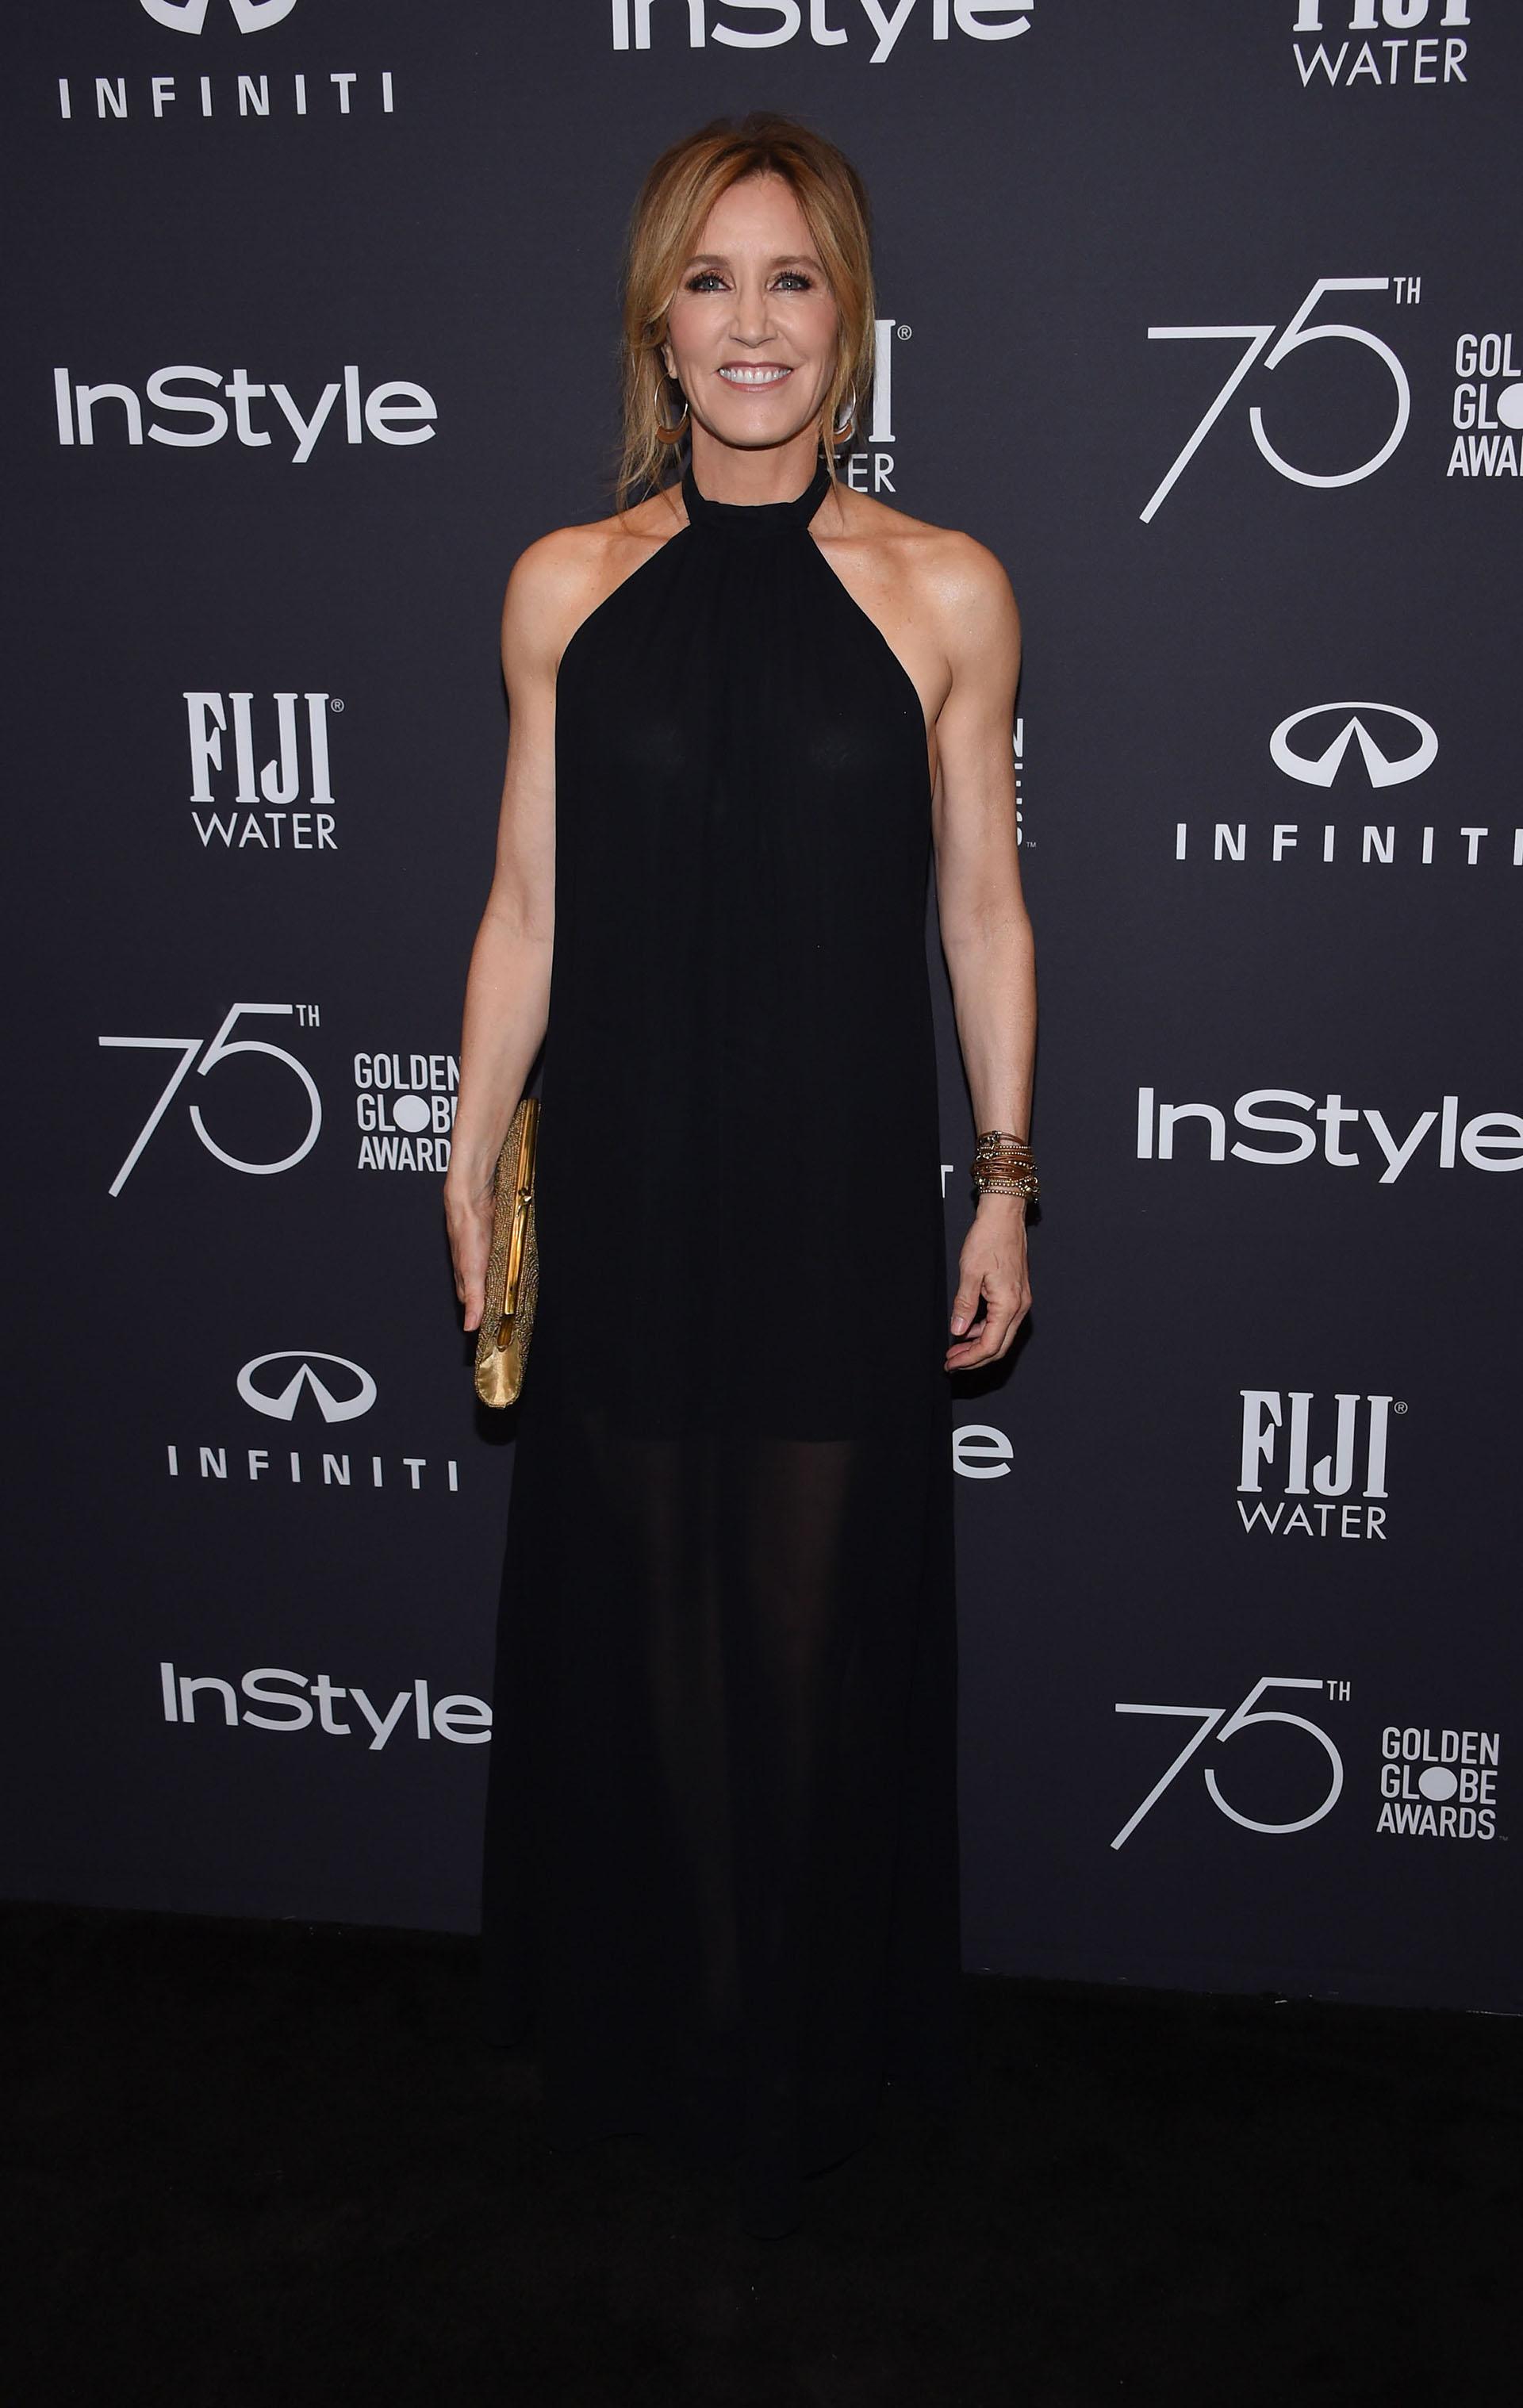 Felicity Huffman con un delicado vestido negro de cuello alto, un clásico en las alfombras rojas que nunca falla